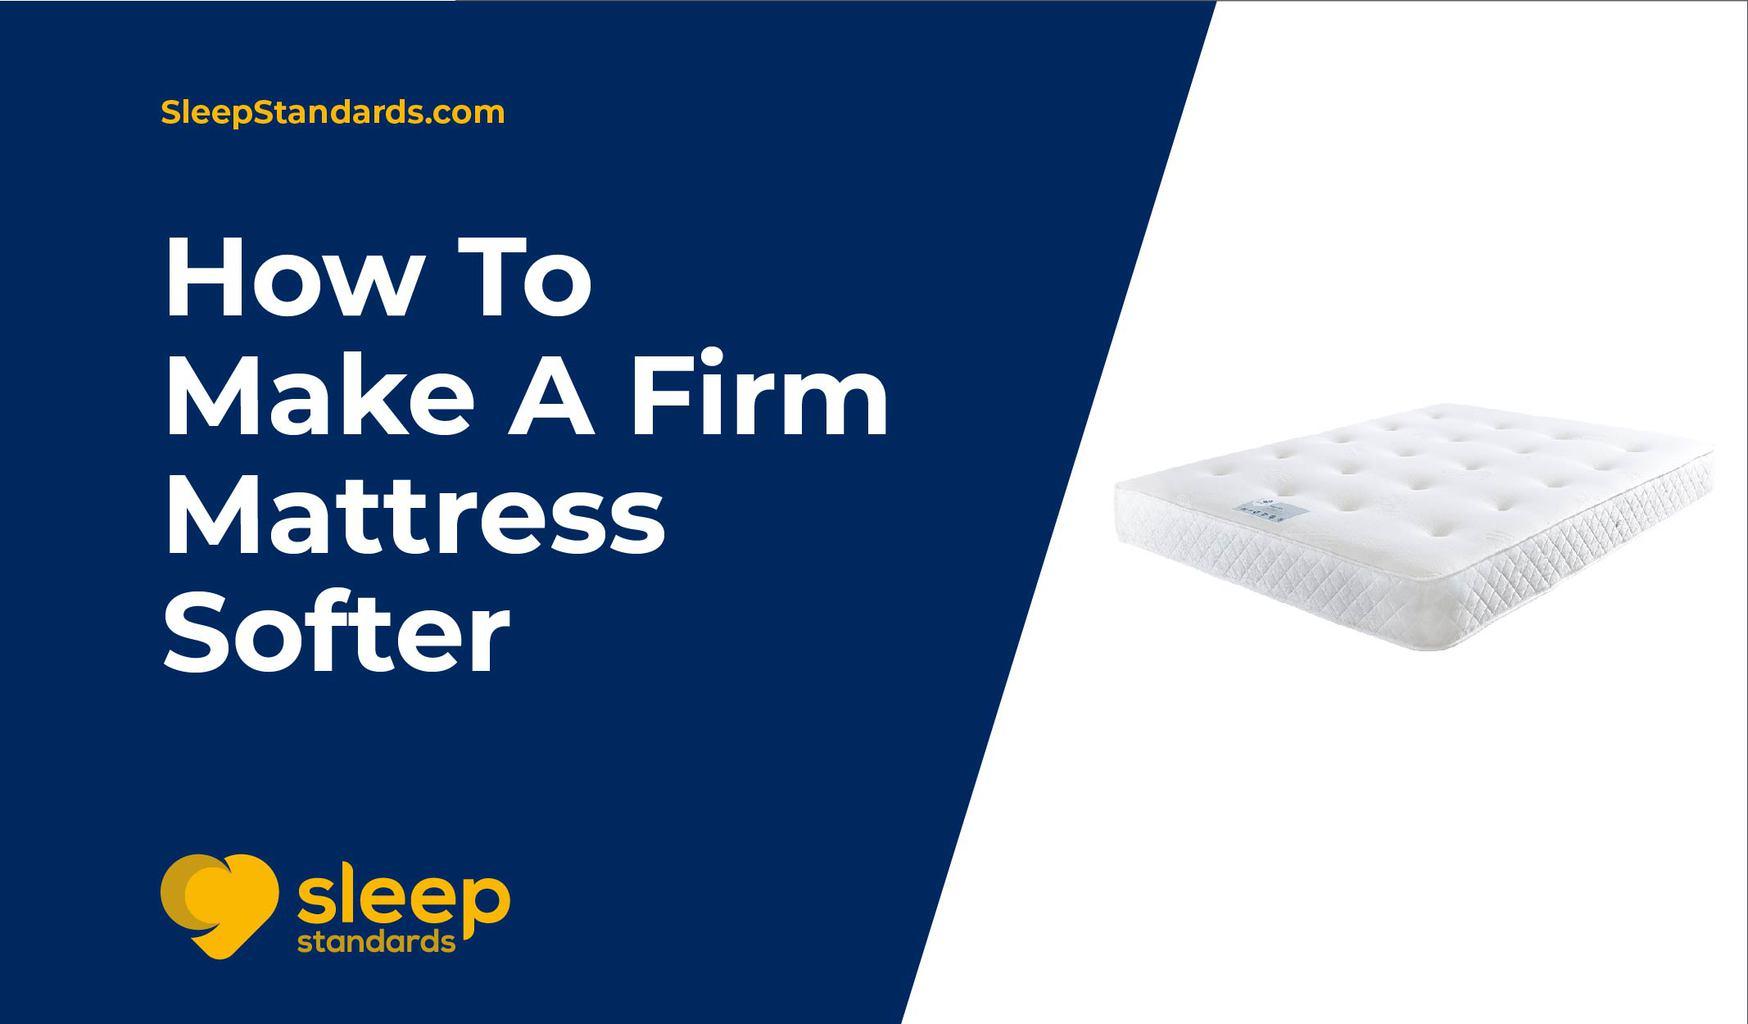 How To Make A Firm Mattress Softer